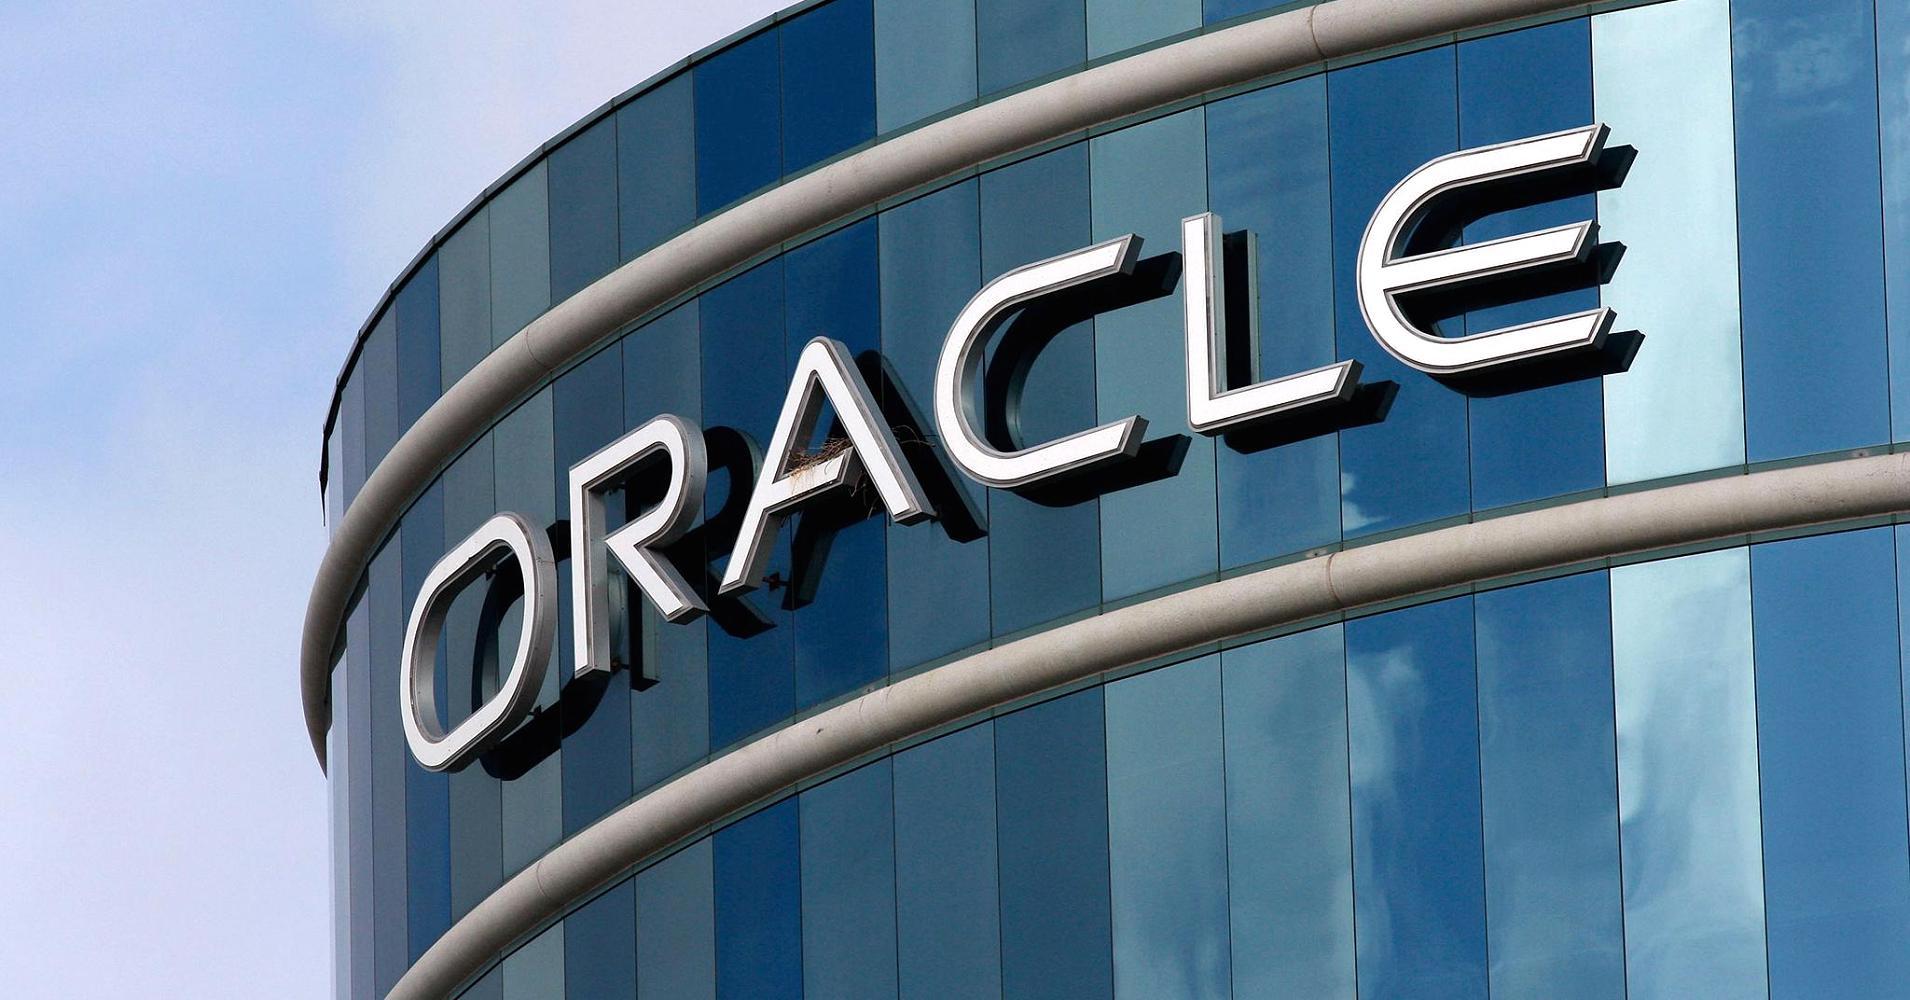 Серверы Oracle WebLogic оказались под атакой после публикации эксплоита для свежей проблемы